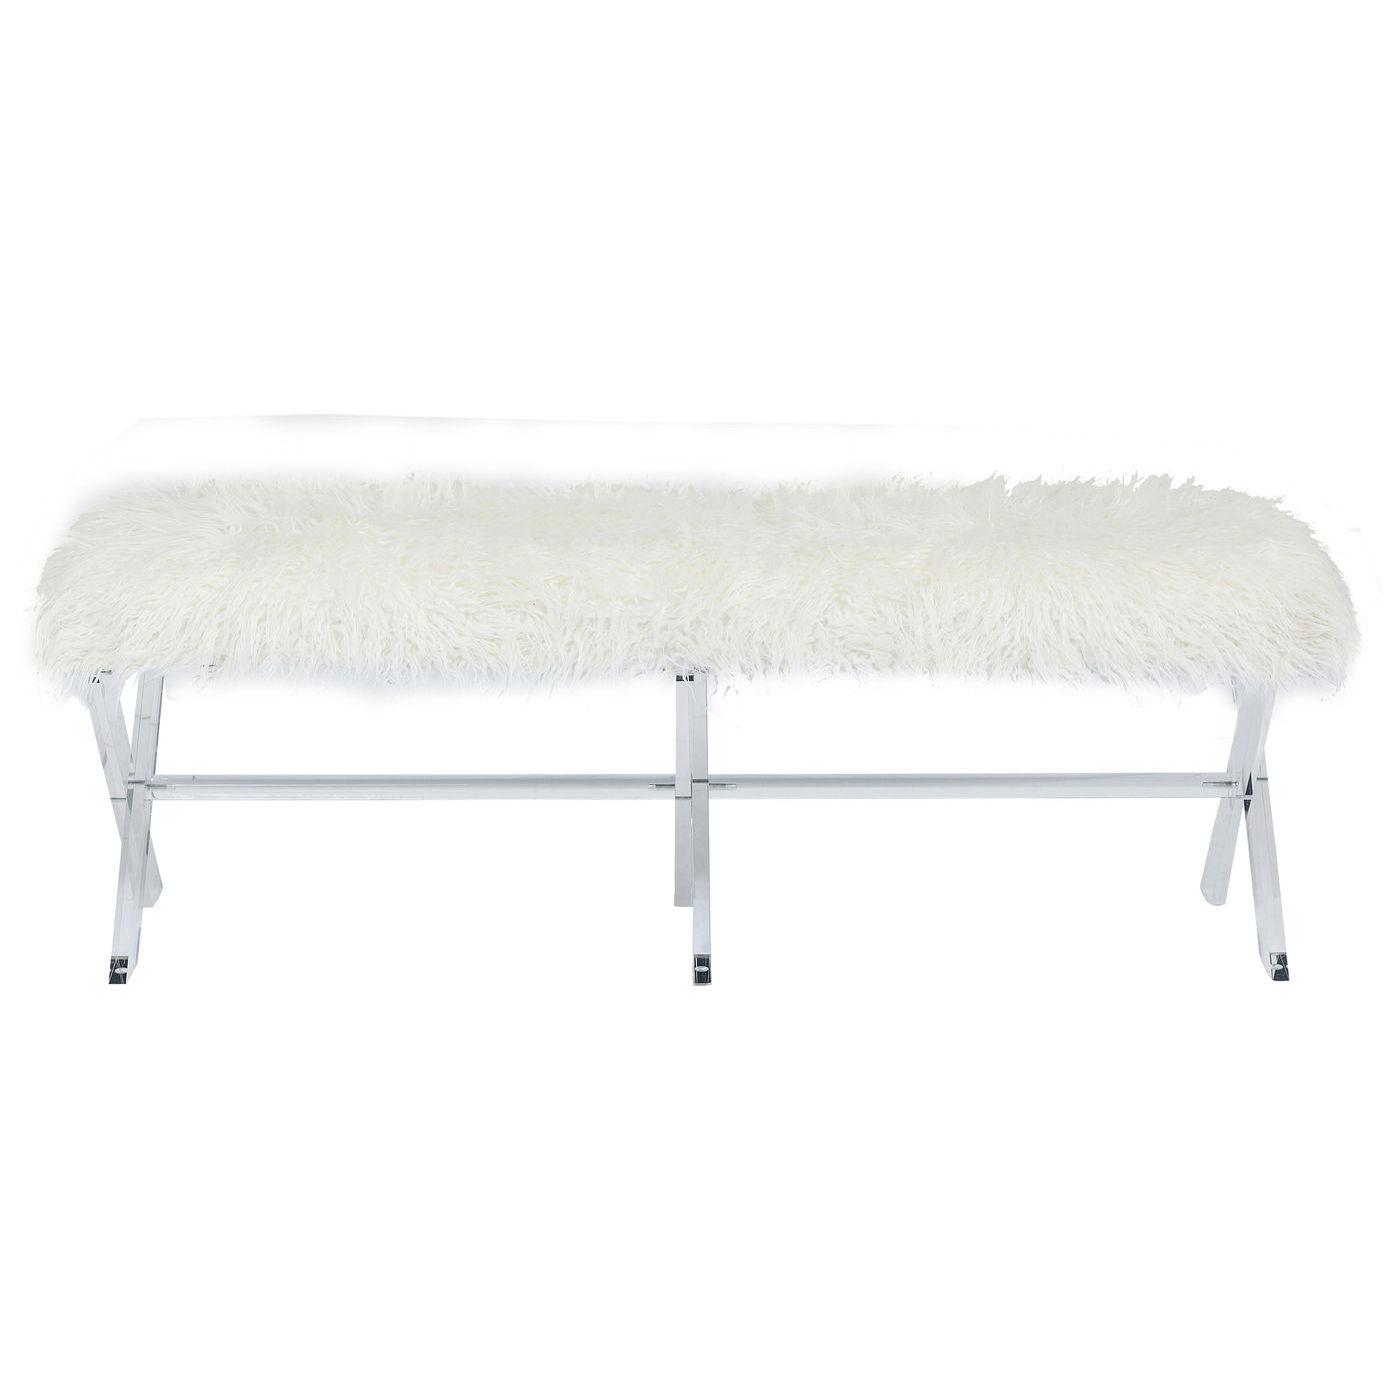 Kare design visible fur white bænk - hvidt polyester/akryl fra kare design fra boboonline.dk